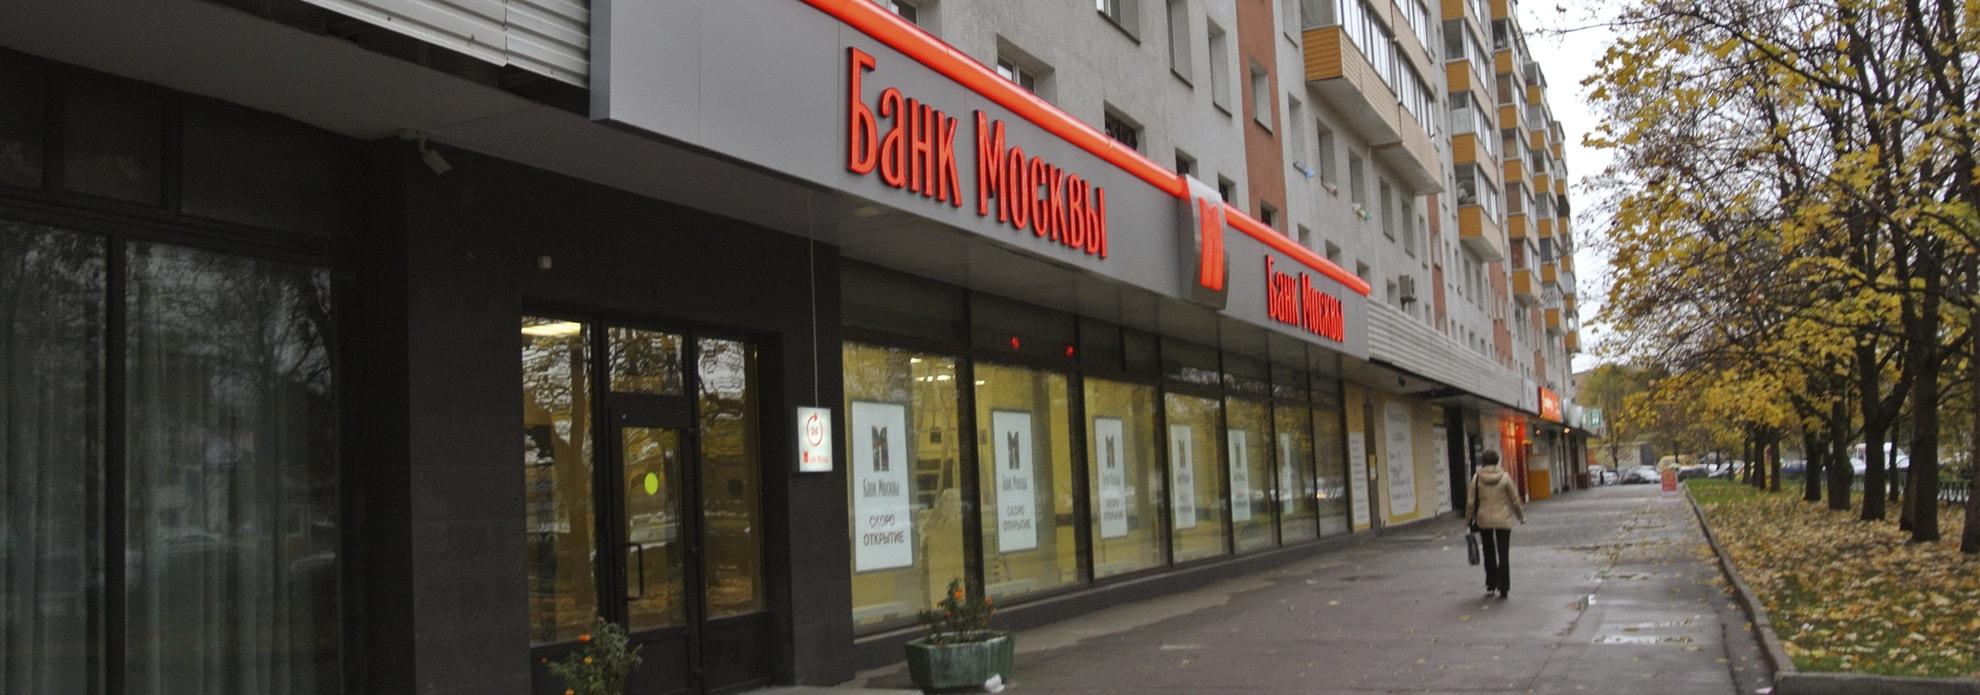 Вывеска объемные буквы Банк Москвы